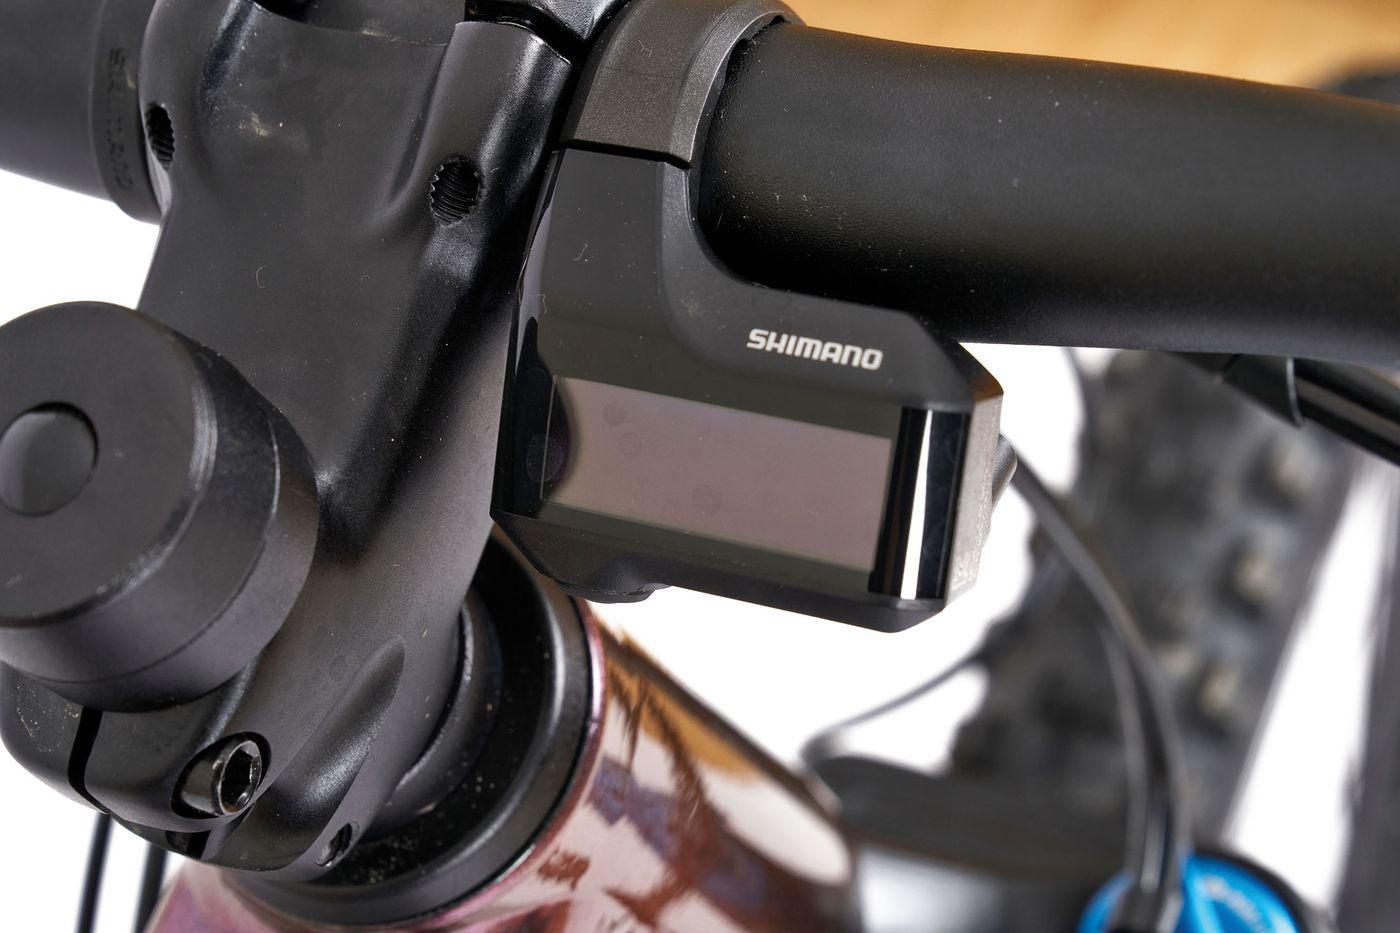 BMC Trailfox AMP SX2 - Shimano Steps Display